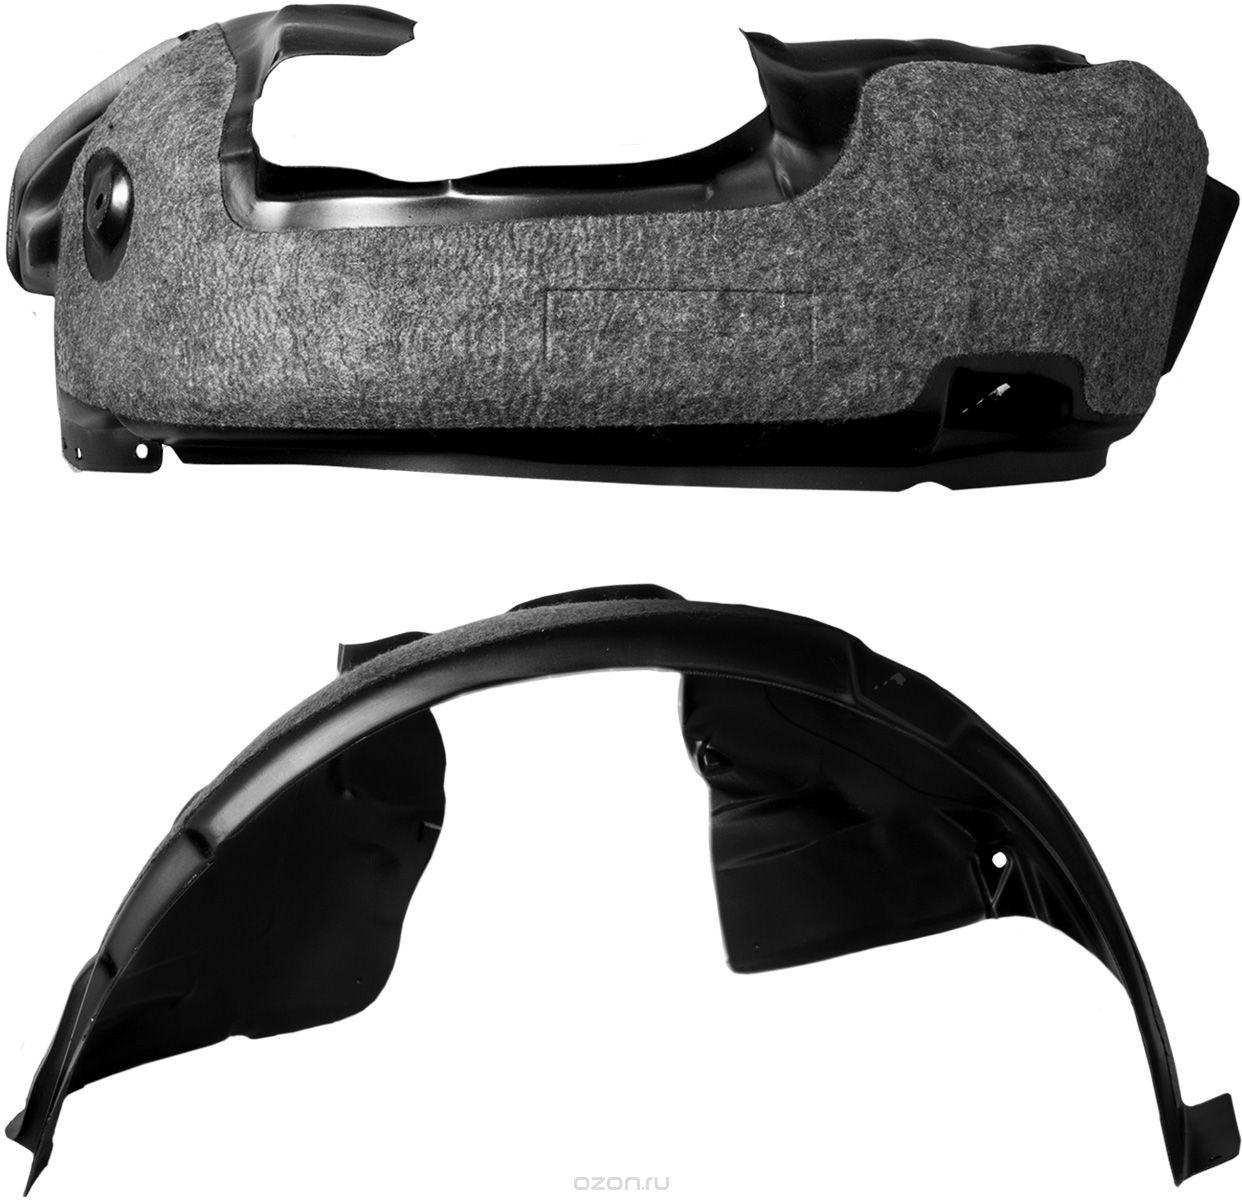 Подкрылок Novline-Autofamily, с шумоизоляцией, для HYUNDAI Solaris, 2014->, сед., задний правыйVCA-00Идеальная защита колесной ниши. Локеры разработаны с применением цифровых технологий, гарантируют максимальную повторяемость поверхности арки. Изделия устанавливаются без нарушения лакокрасочного покрытия автомобиля, каждый подкрылок комплектуется крепежом. Уважаемые клиенты, обращаем ваше внимание, что фотографии на подкрылки универсальные и не отражают реальную форму изделия. При этом само изделие идет точно под размер указанного автомобиля.